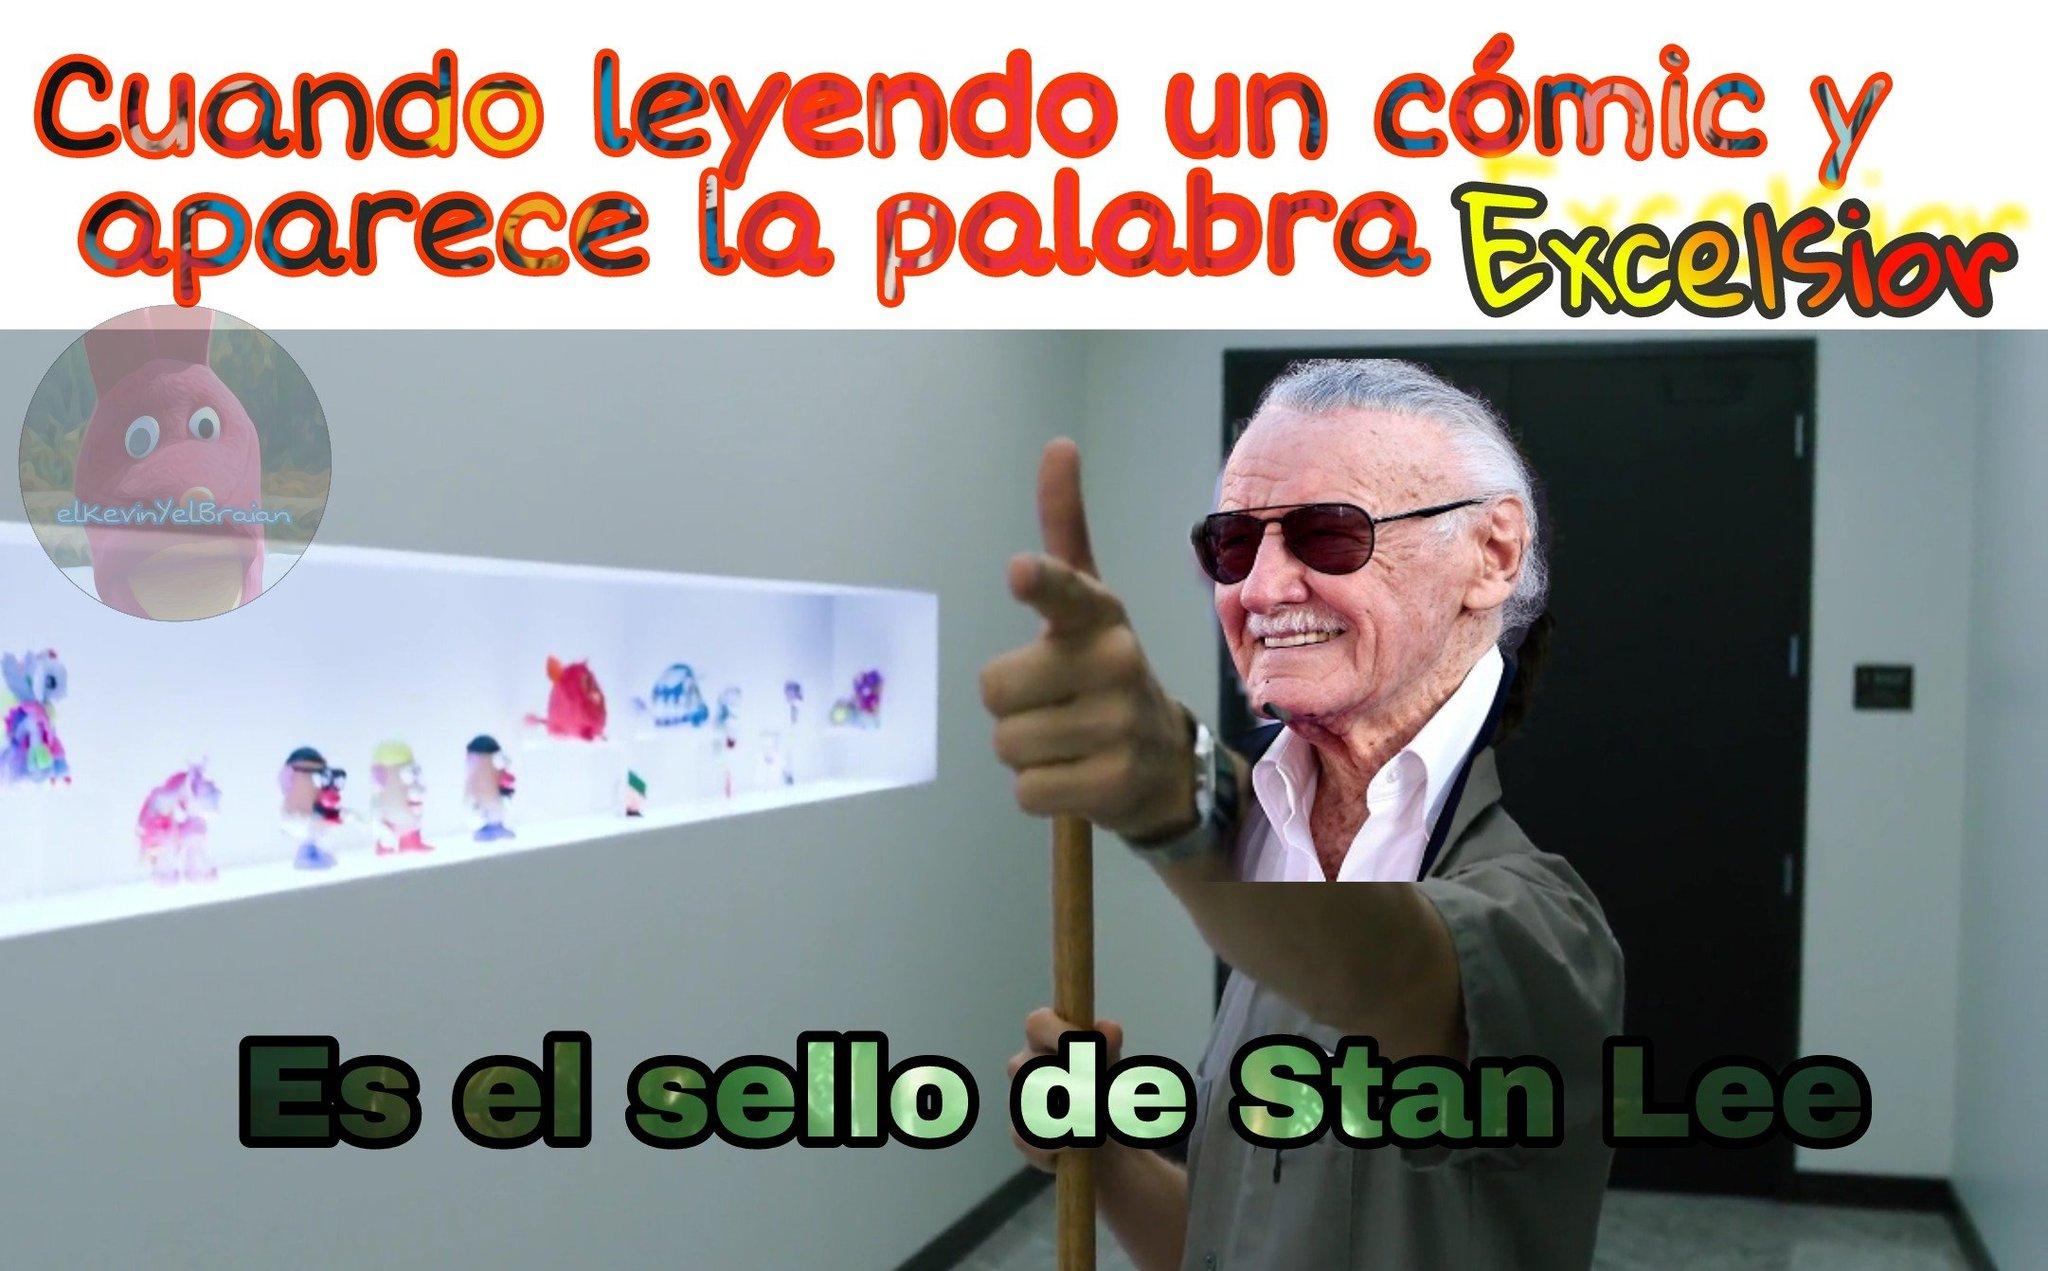 Aguante Stan - meme